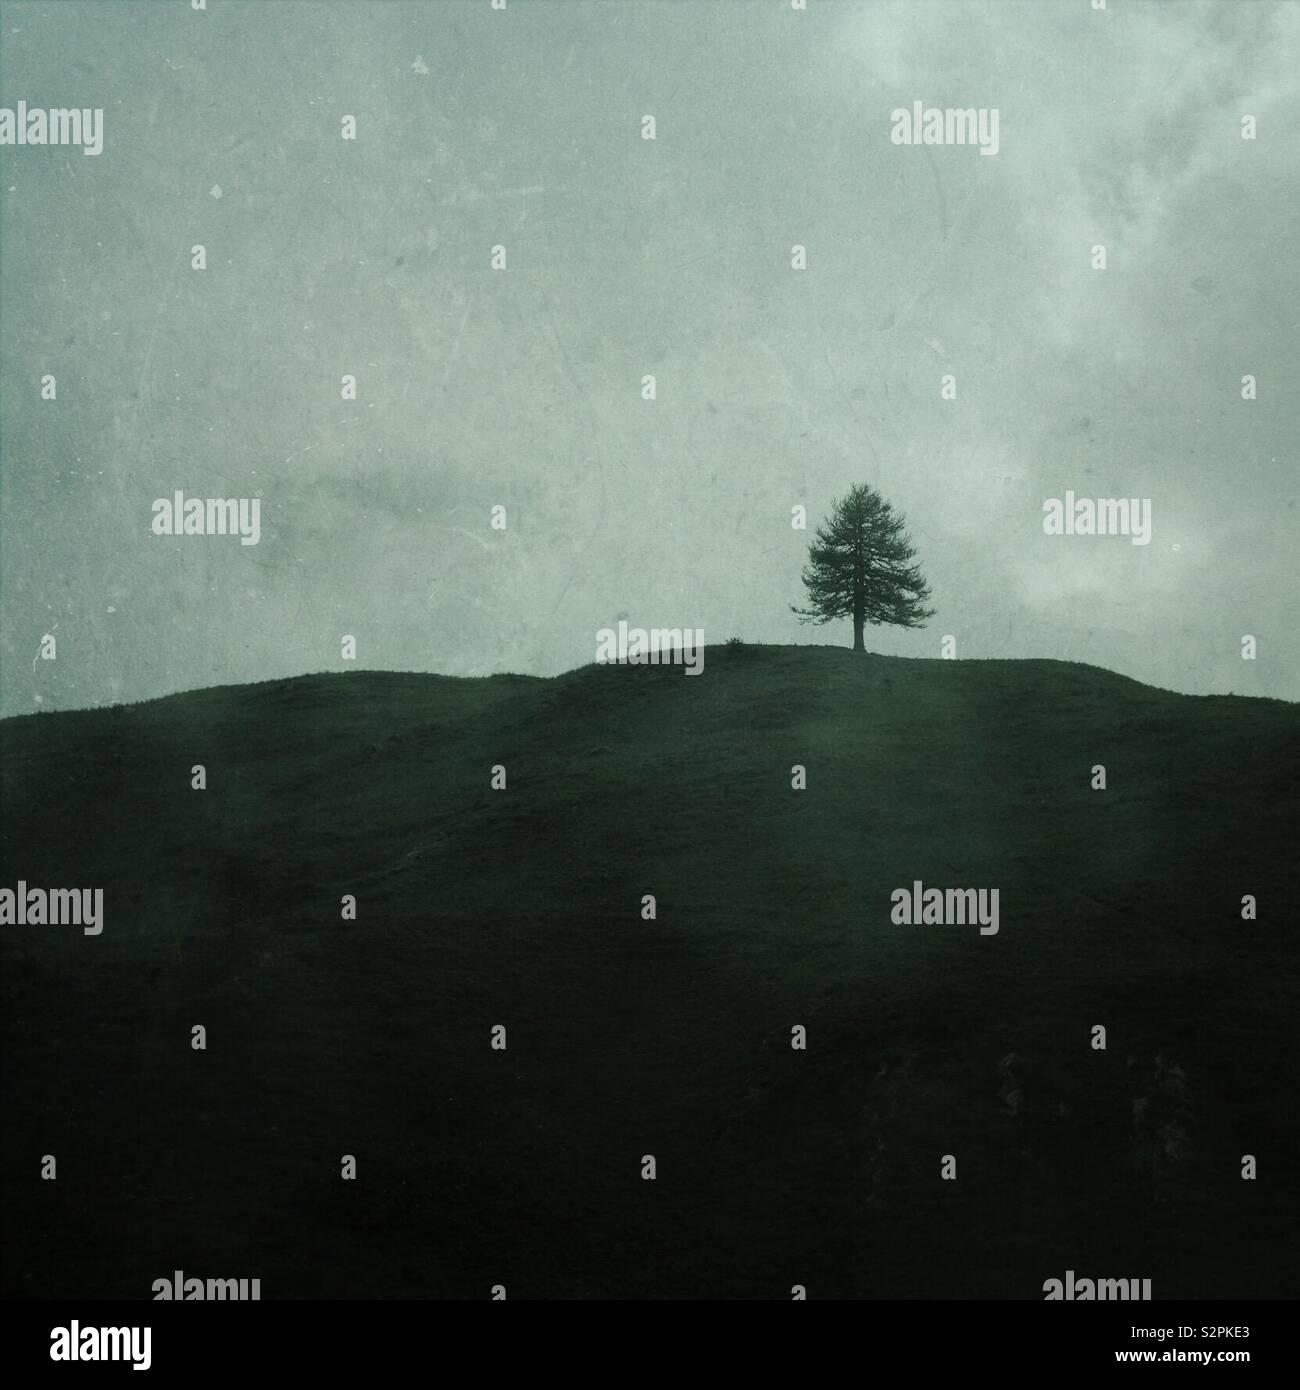 Un árbol solitario en una colina mínima en el paisaje verde - árbol minimalista Foto de stock